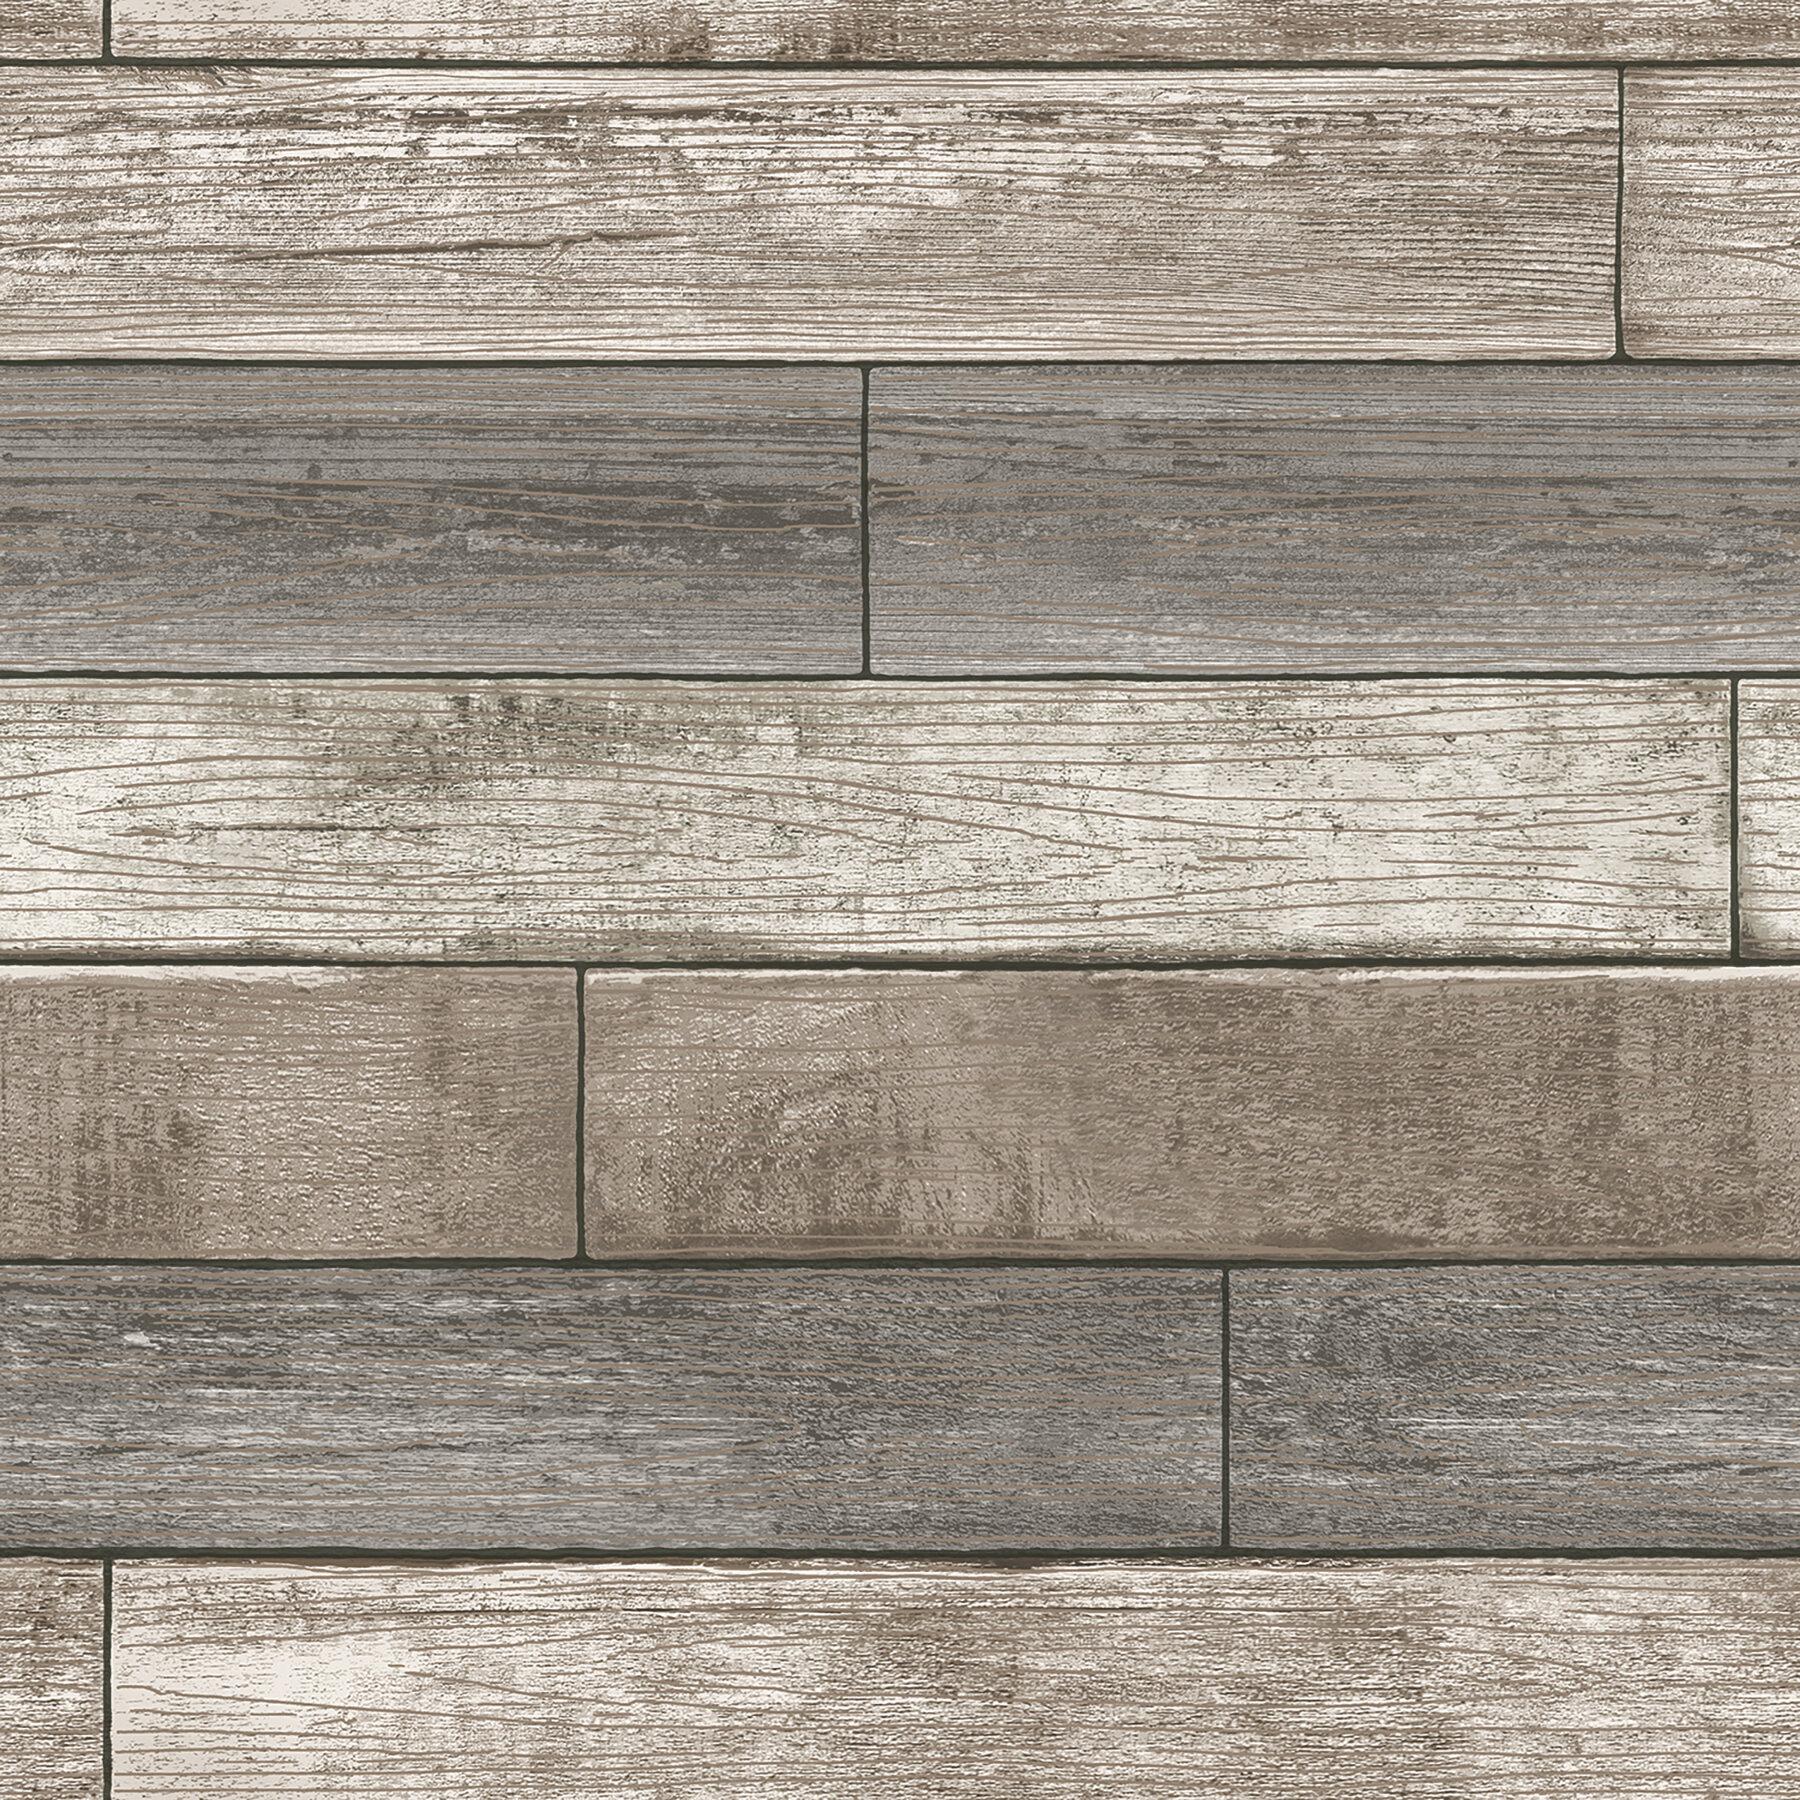 Beshears 18 X 20 5 Reclaimed Wood